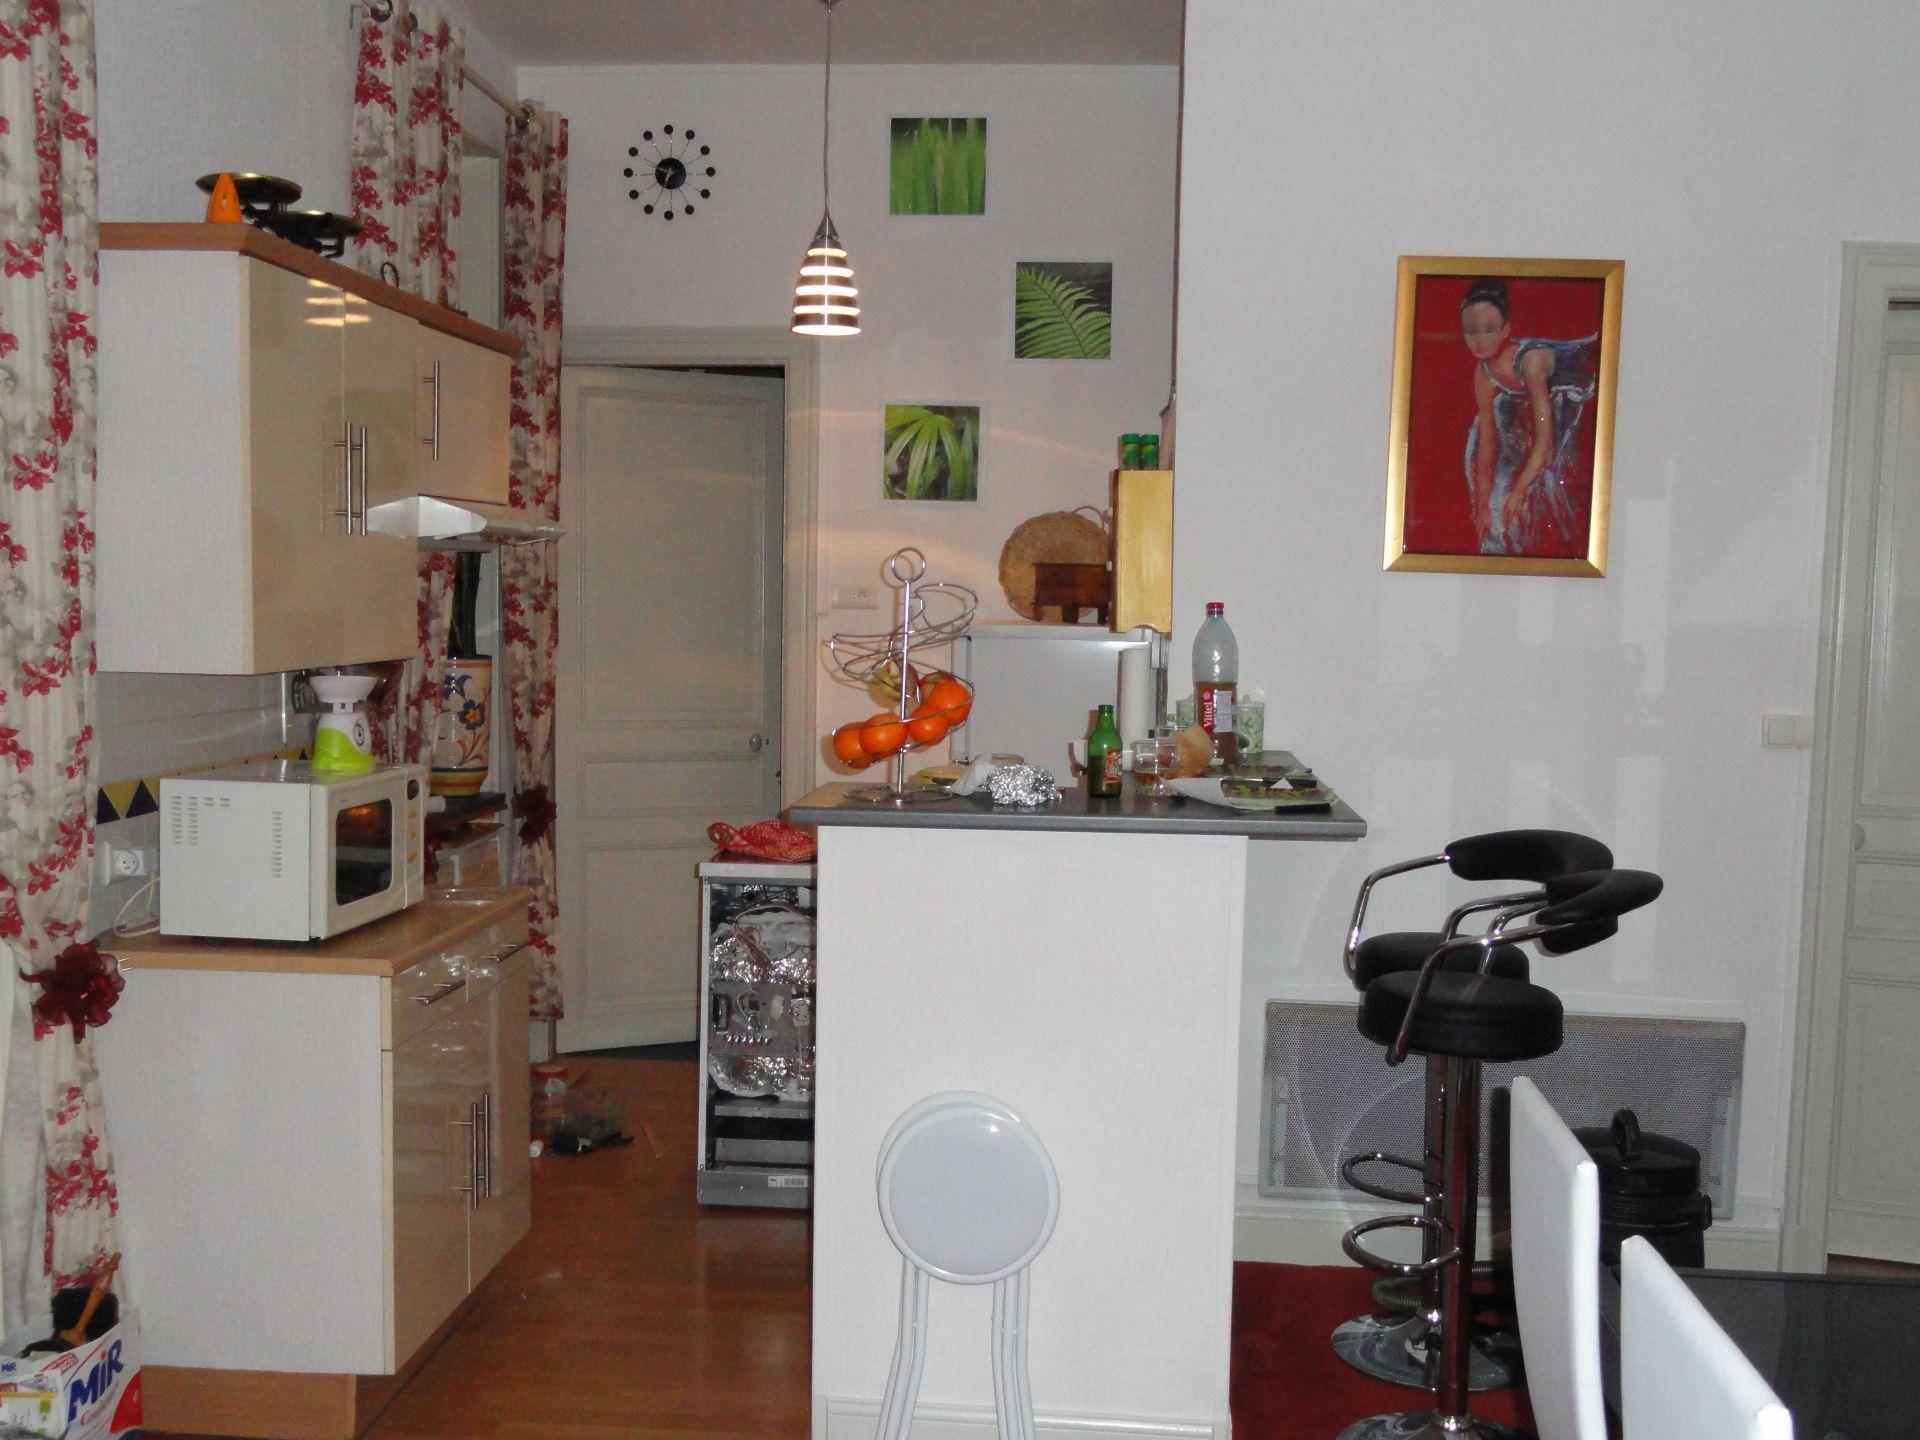 meuble juif jacques lorraine tourisme. Black Bedroom Furniture Sets. Home Design Ideas